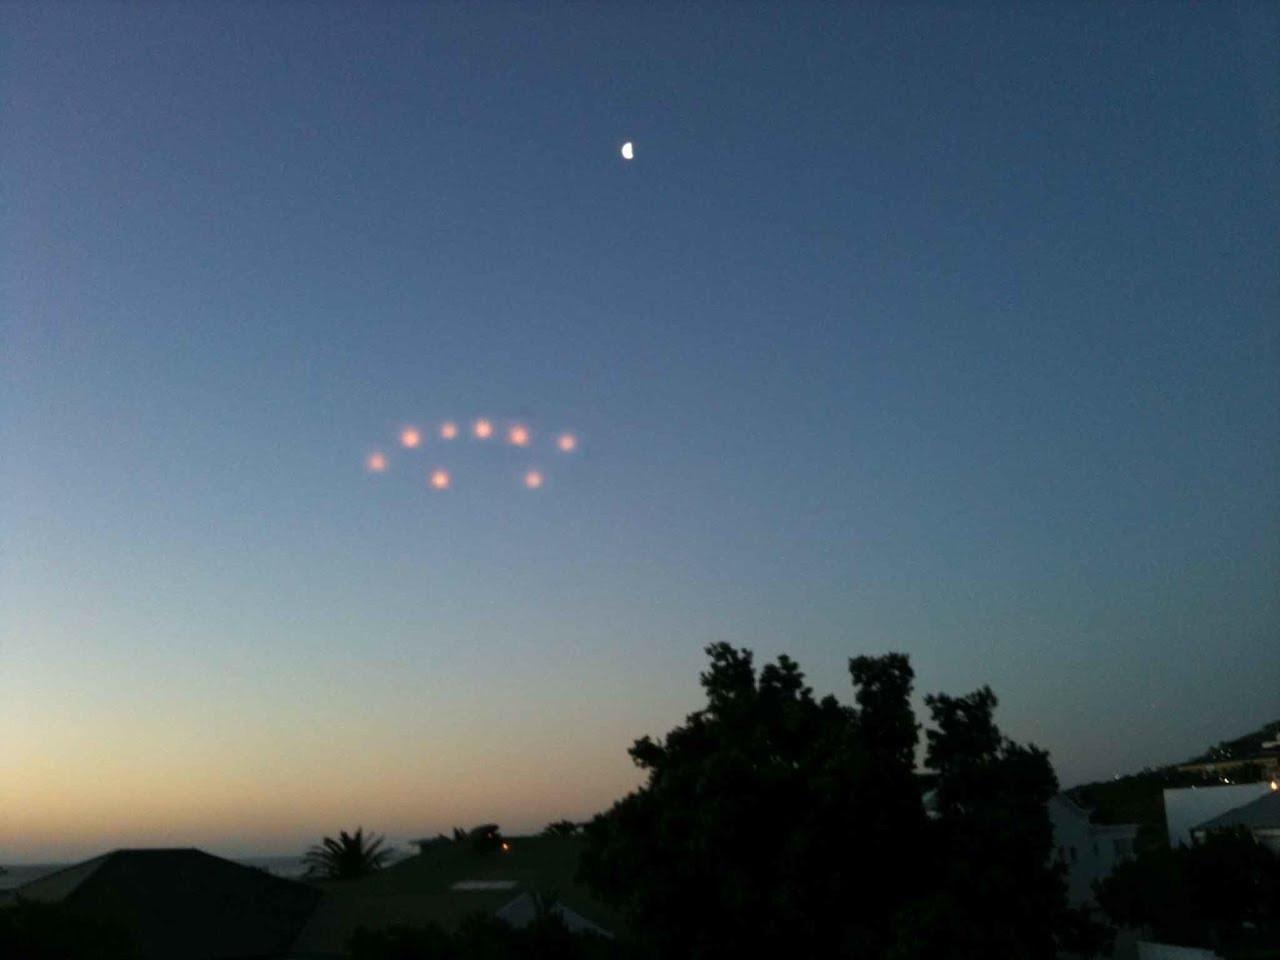 Навидео попали 6 телепортировавшихся НЛО внебе над Голливудом